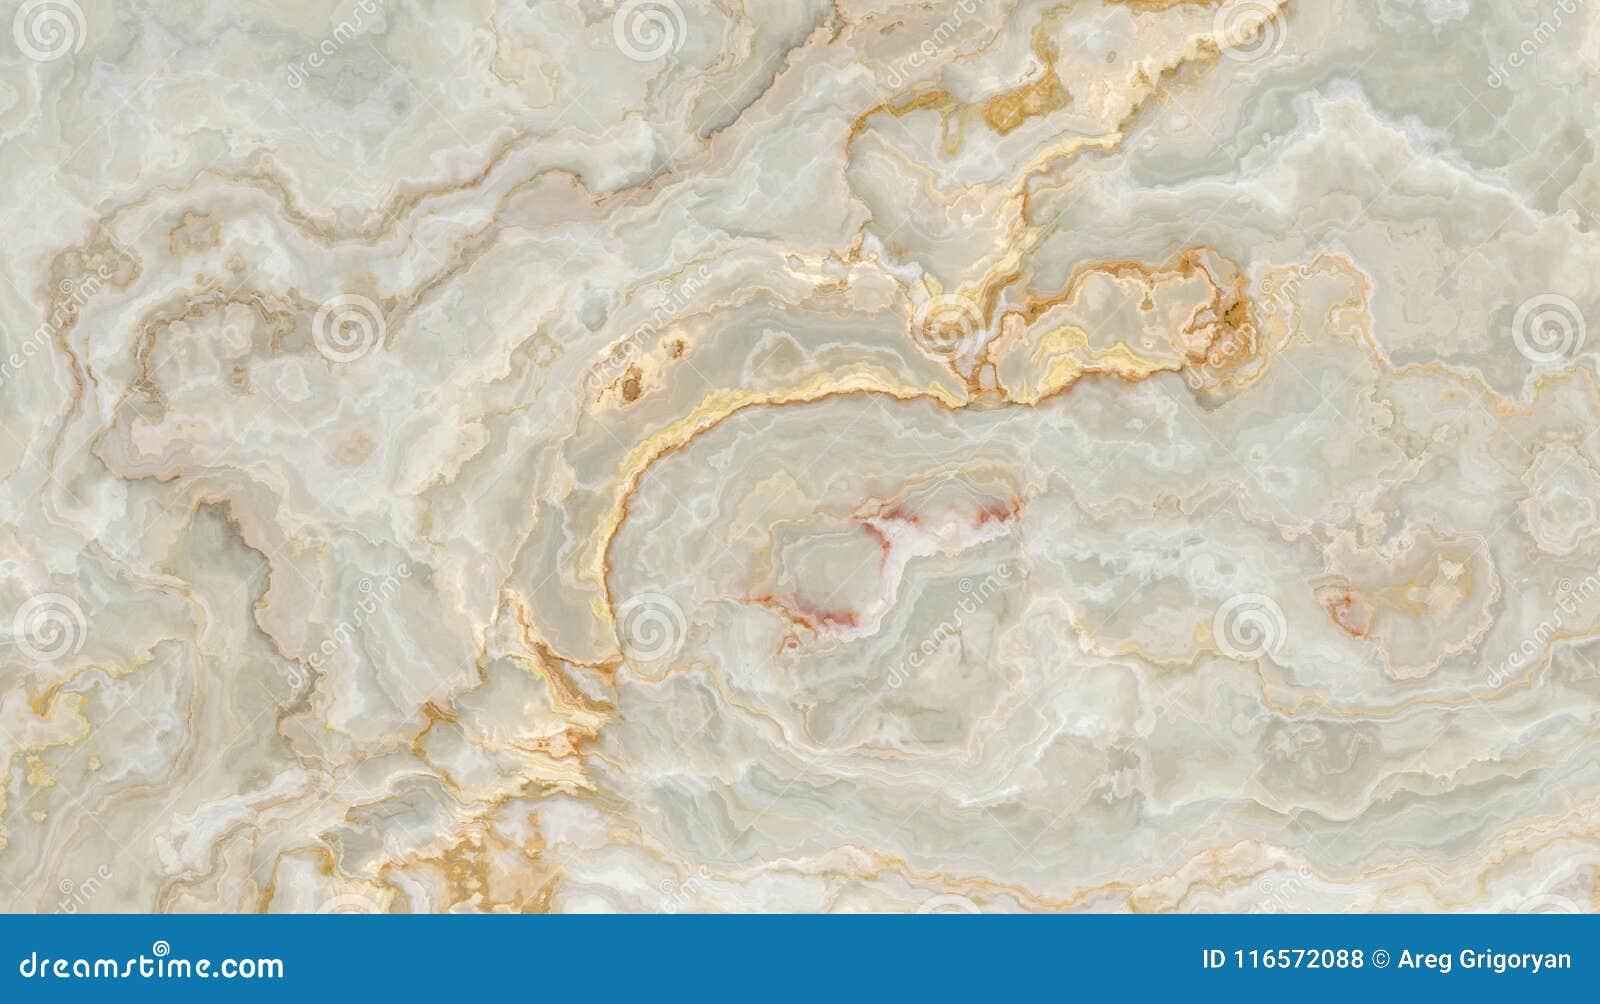 White Onyx Tile background stock photo. Image of background - 116572088